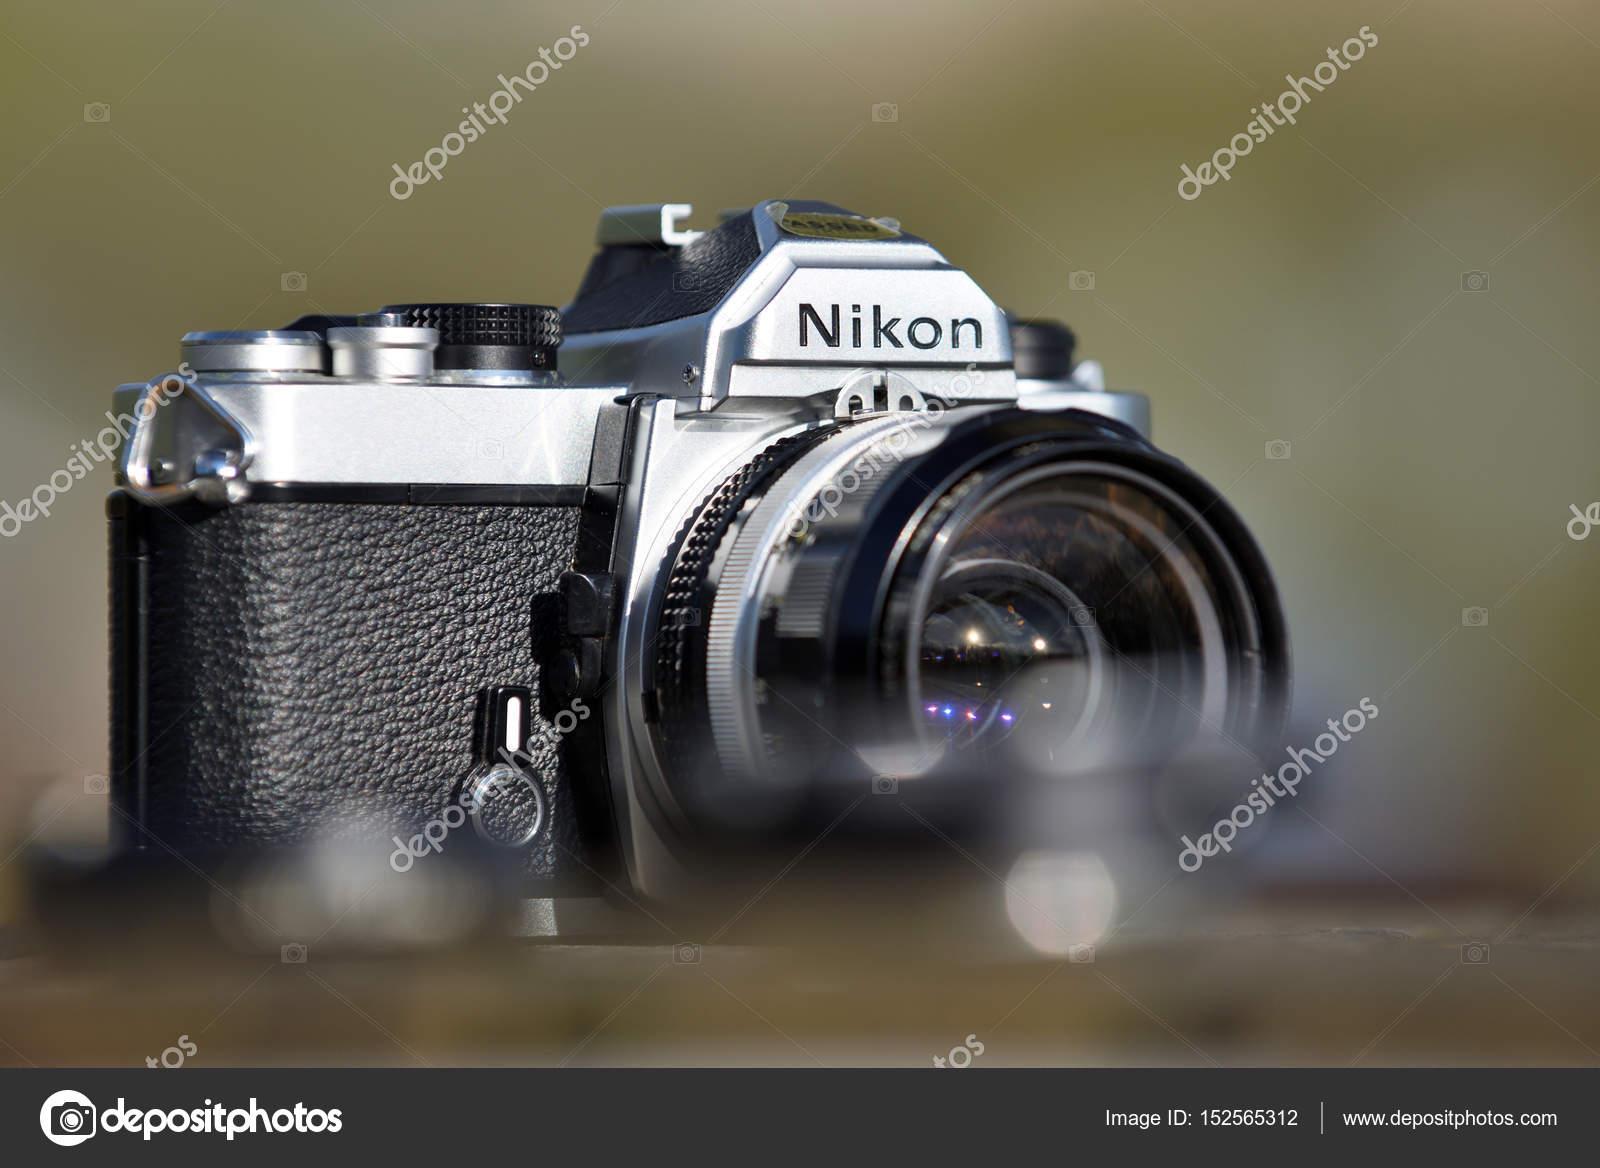 ニコン ビンテージ フィルム カメラ ストック編集用写真 fla 152565312